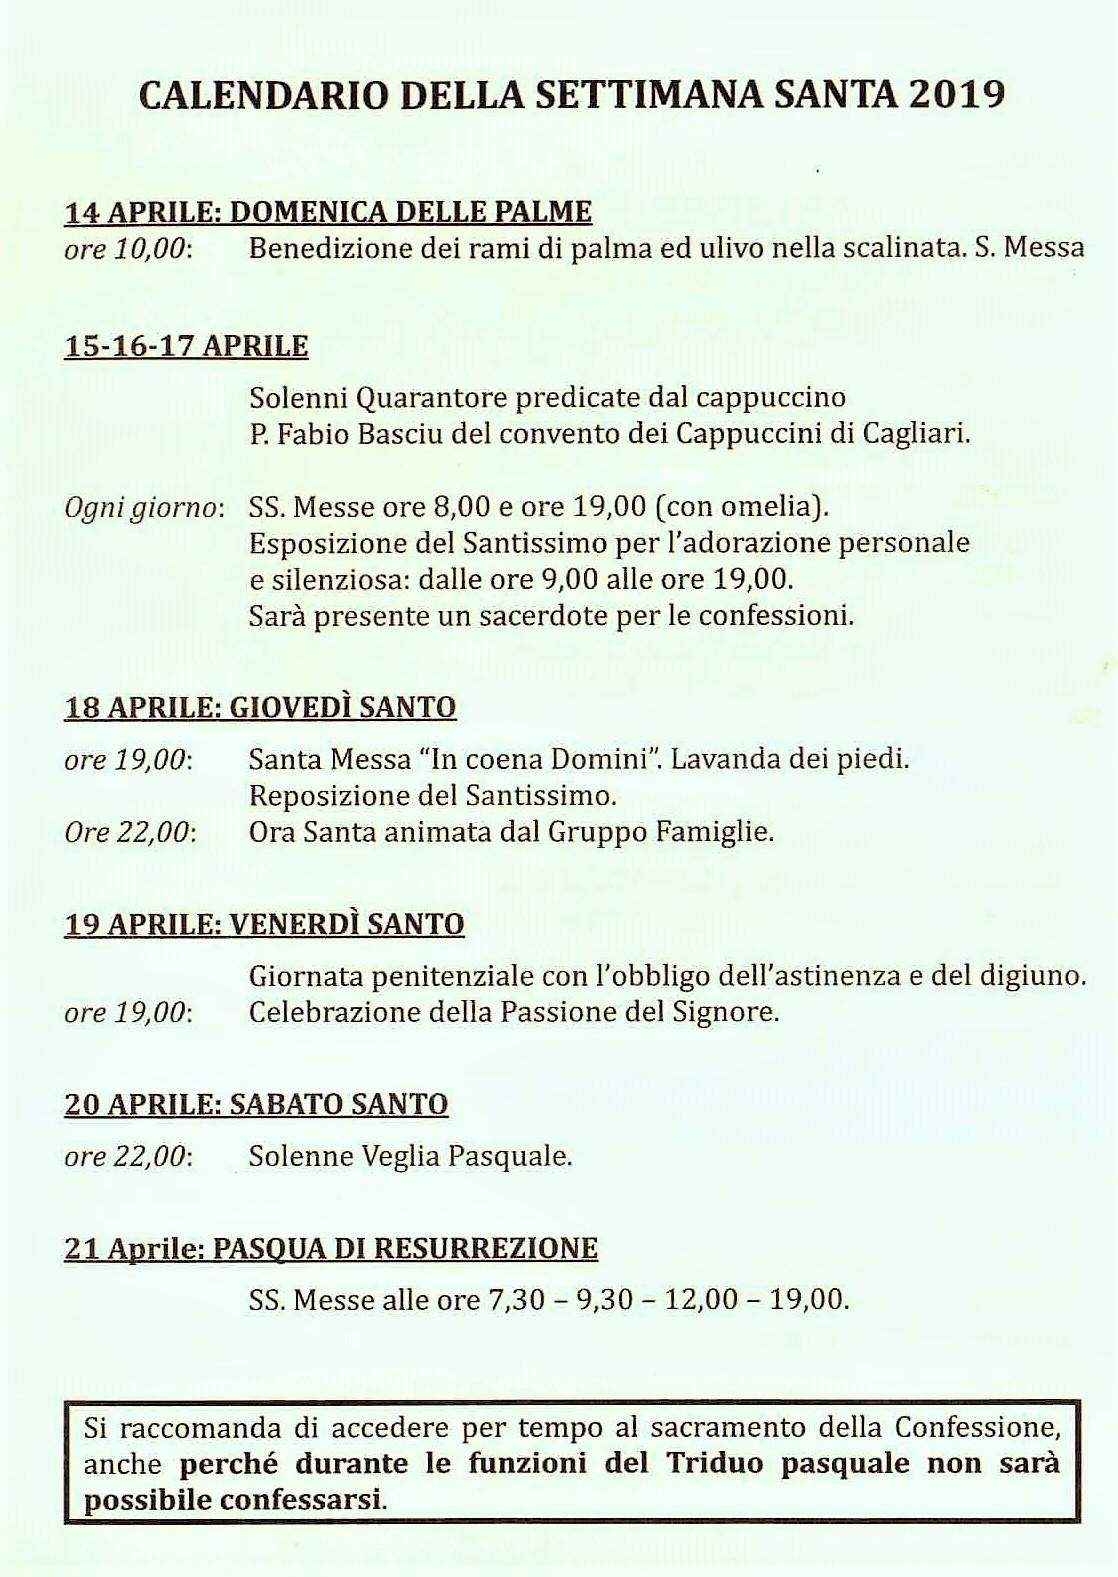 Santi Del Calendario.Parrocchia Santi Giorgio E Caterina Blog Archive